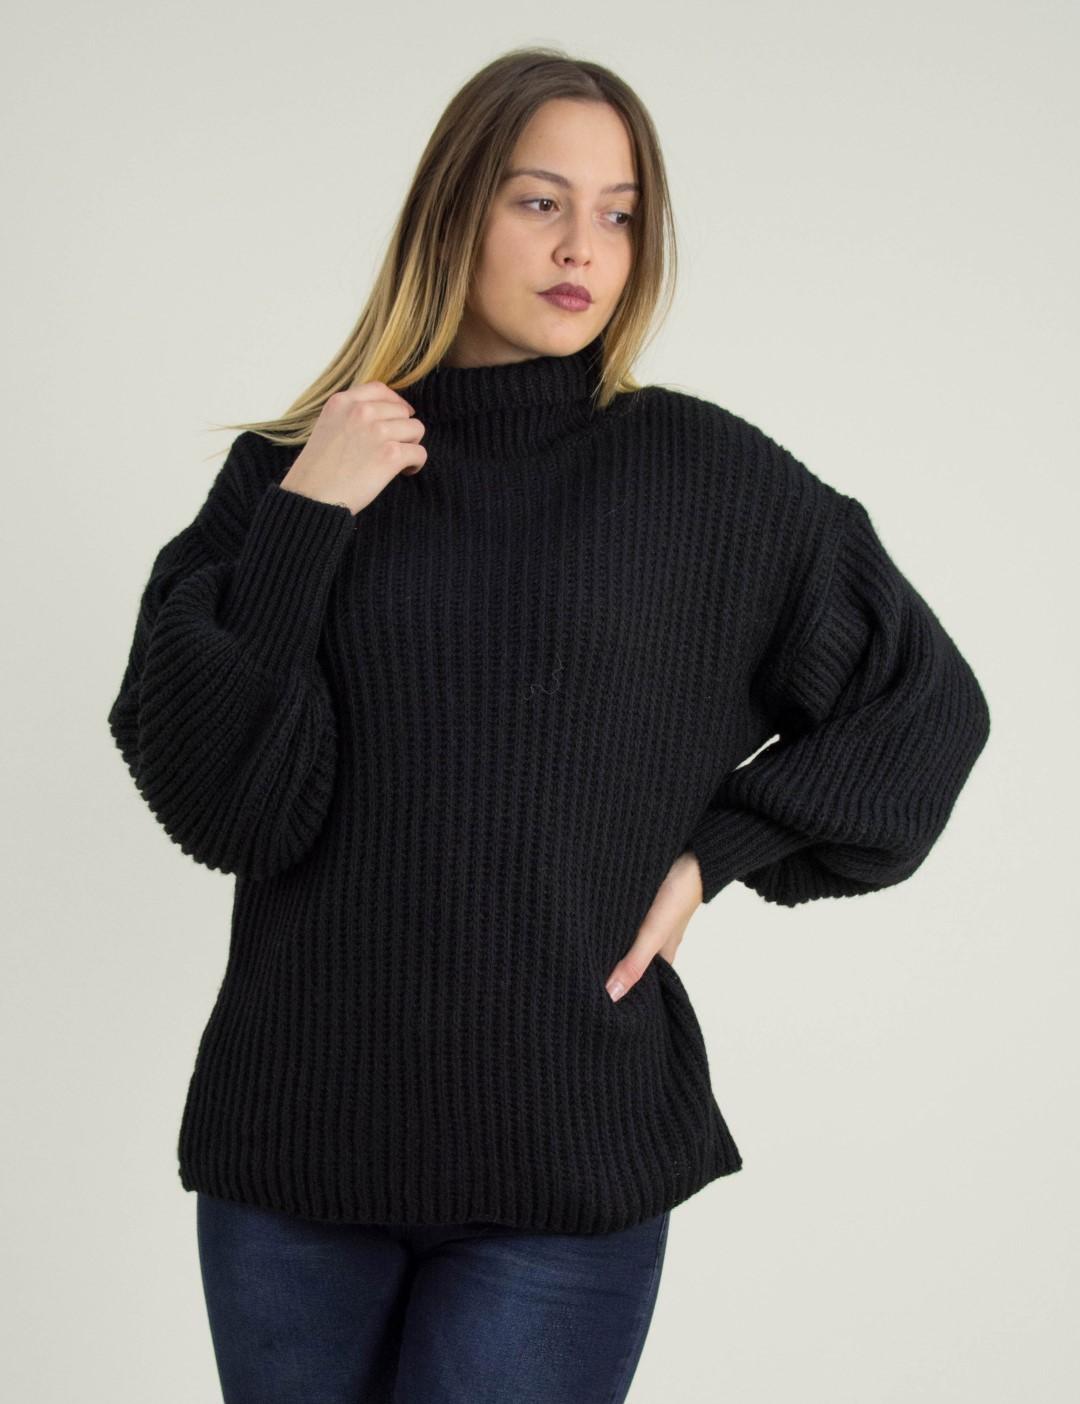 ce4af697bfbd Γυναικείο μαύρο πλεκτό μονόχρωμο πουλόβερ φαρδύ ζιβάγκο 2251L